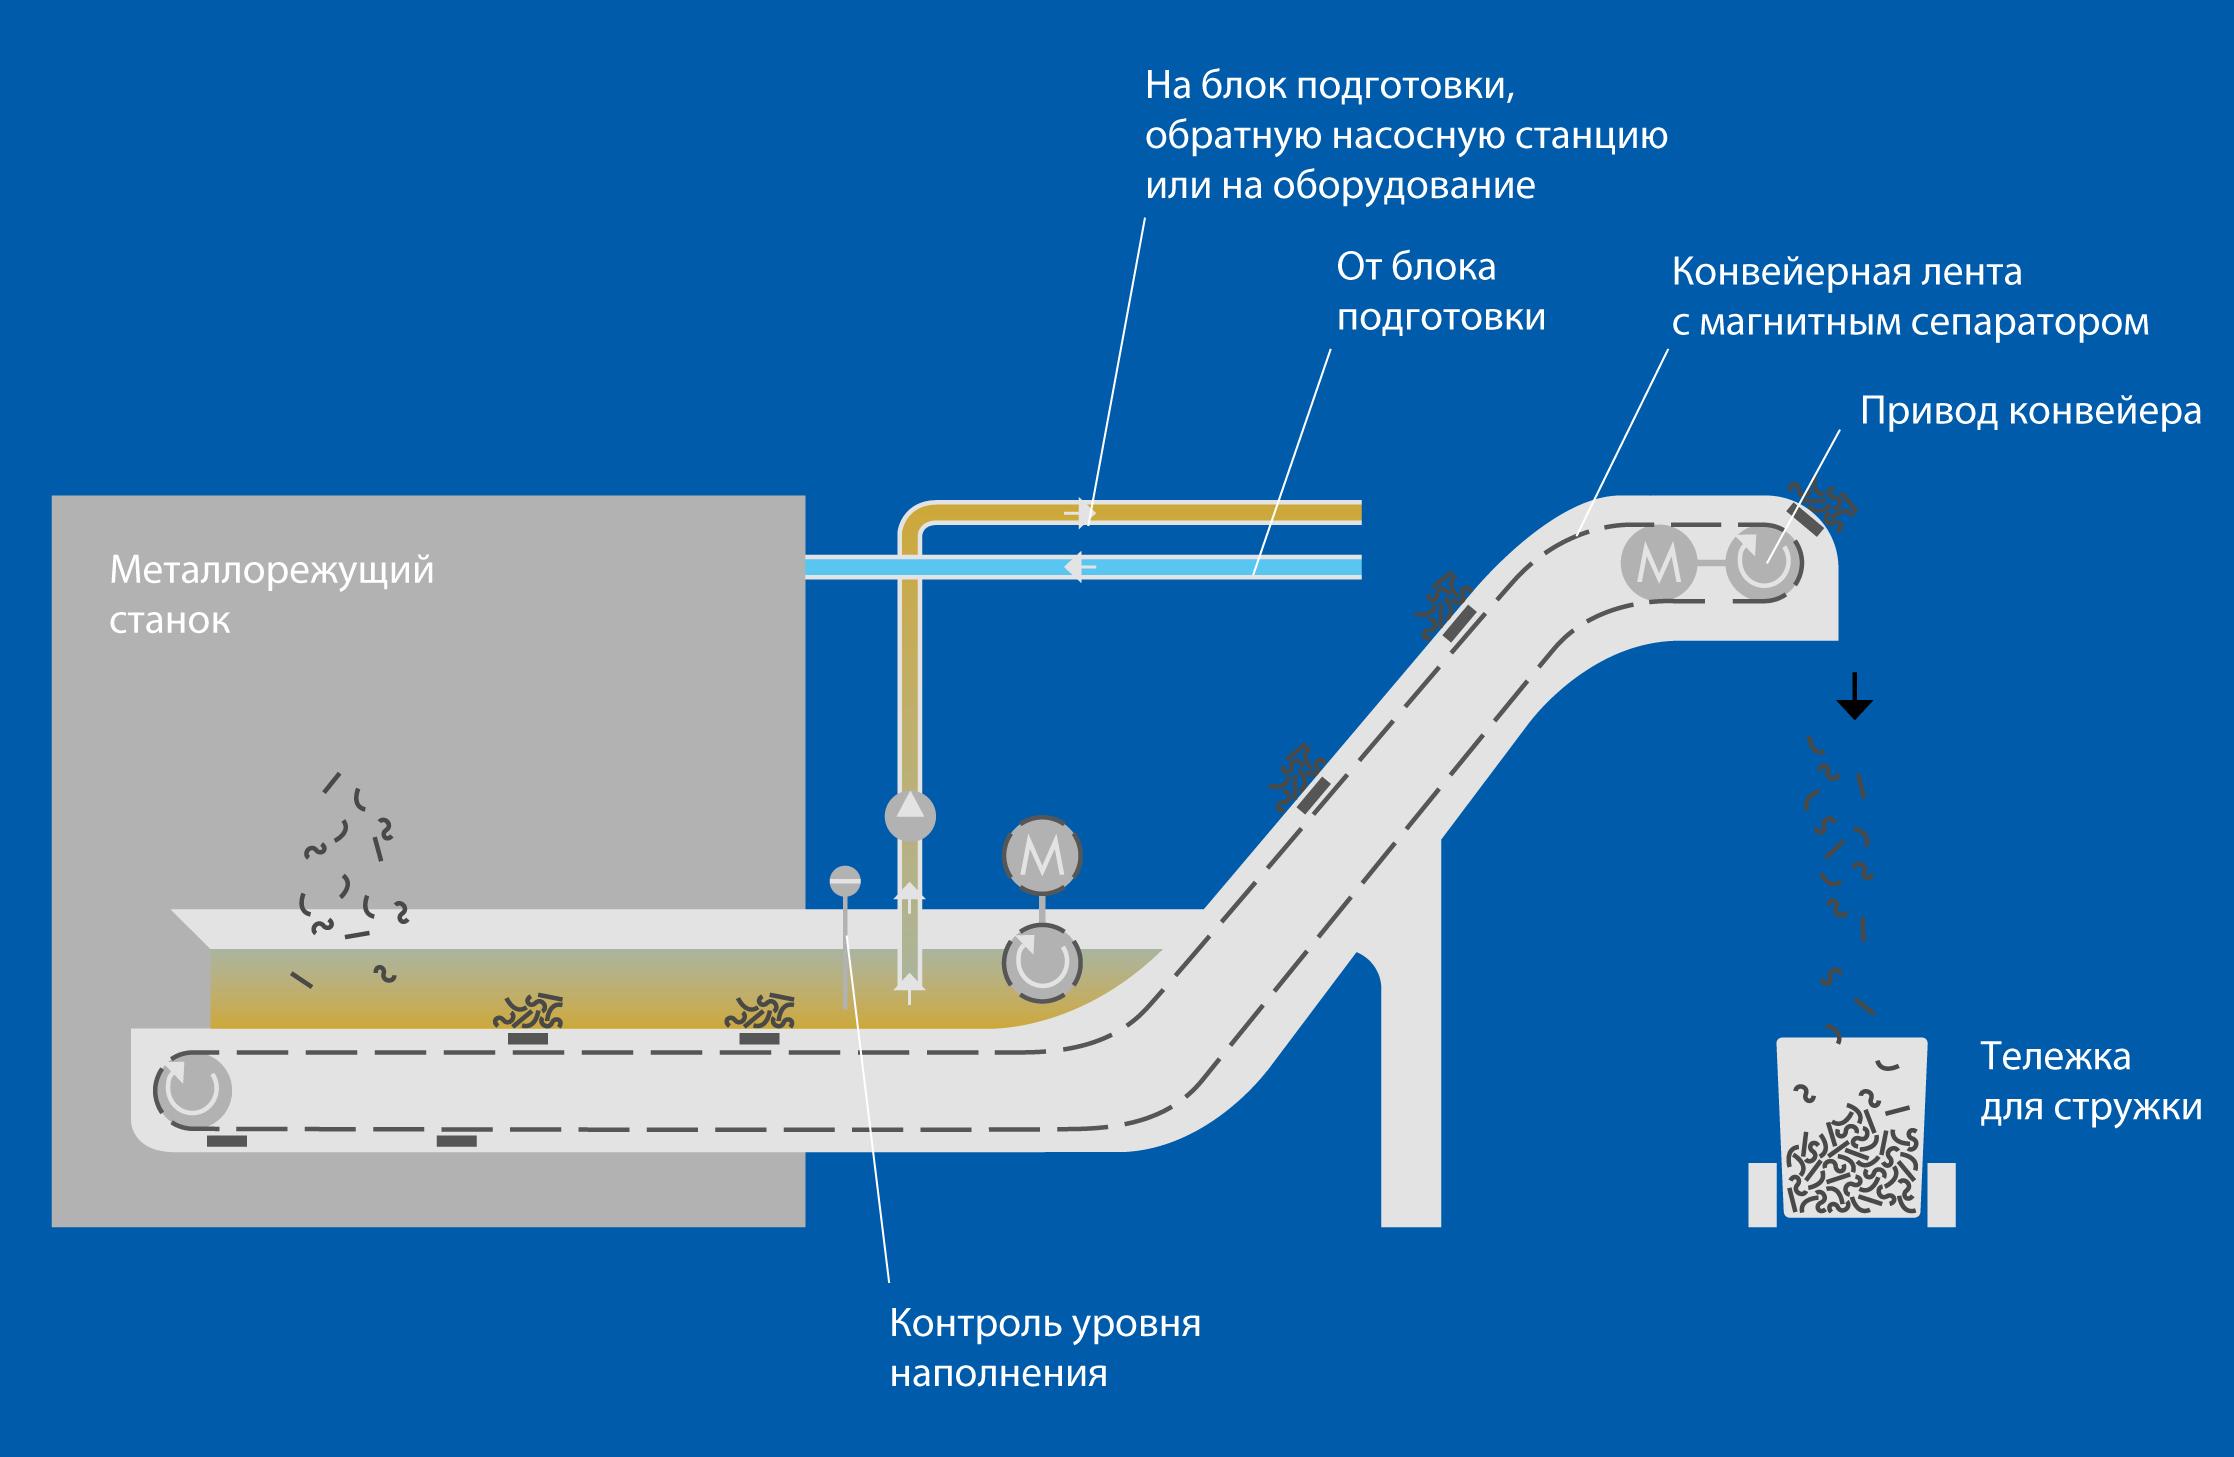 Принцип работы магнитного транспортёра M